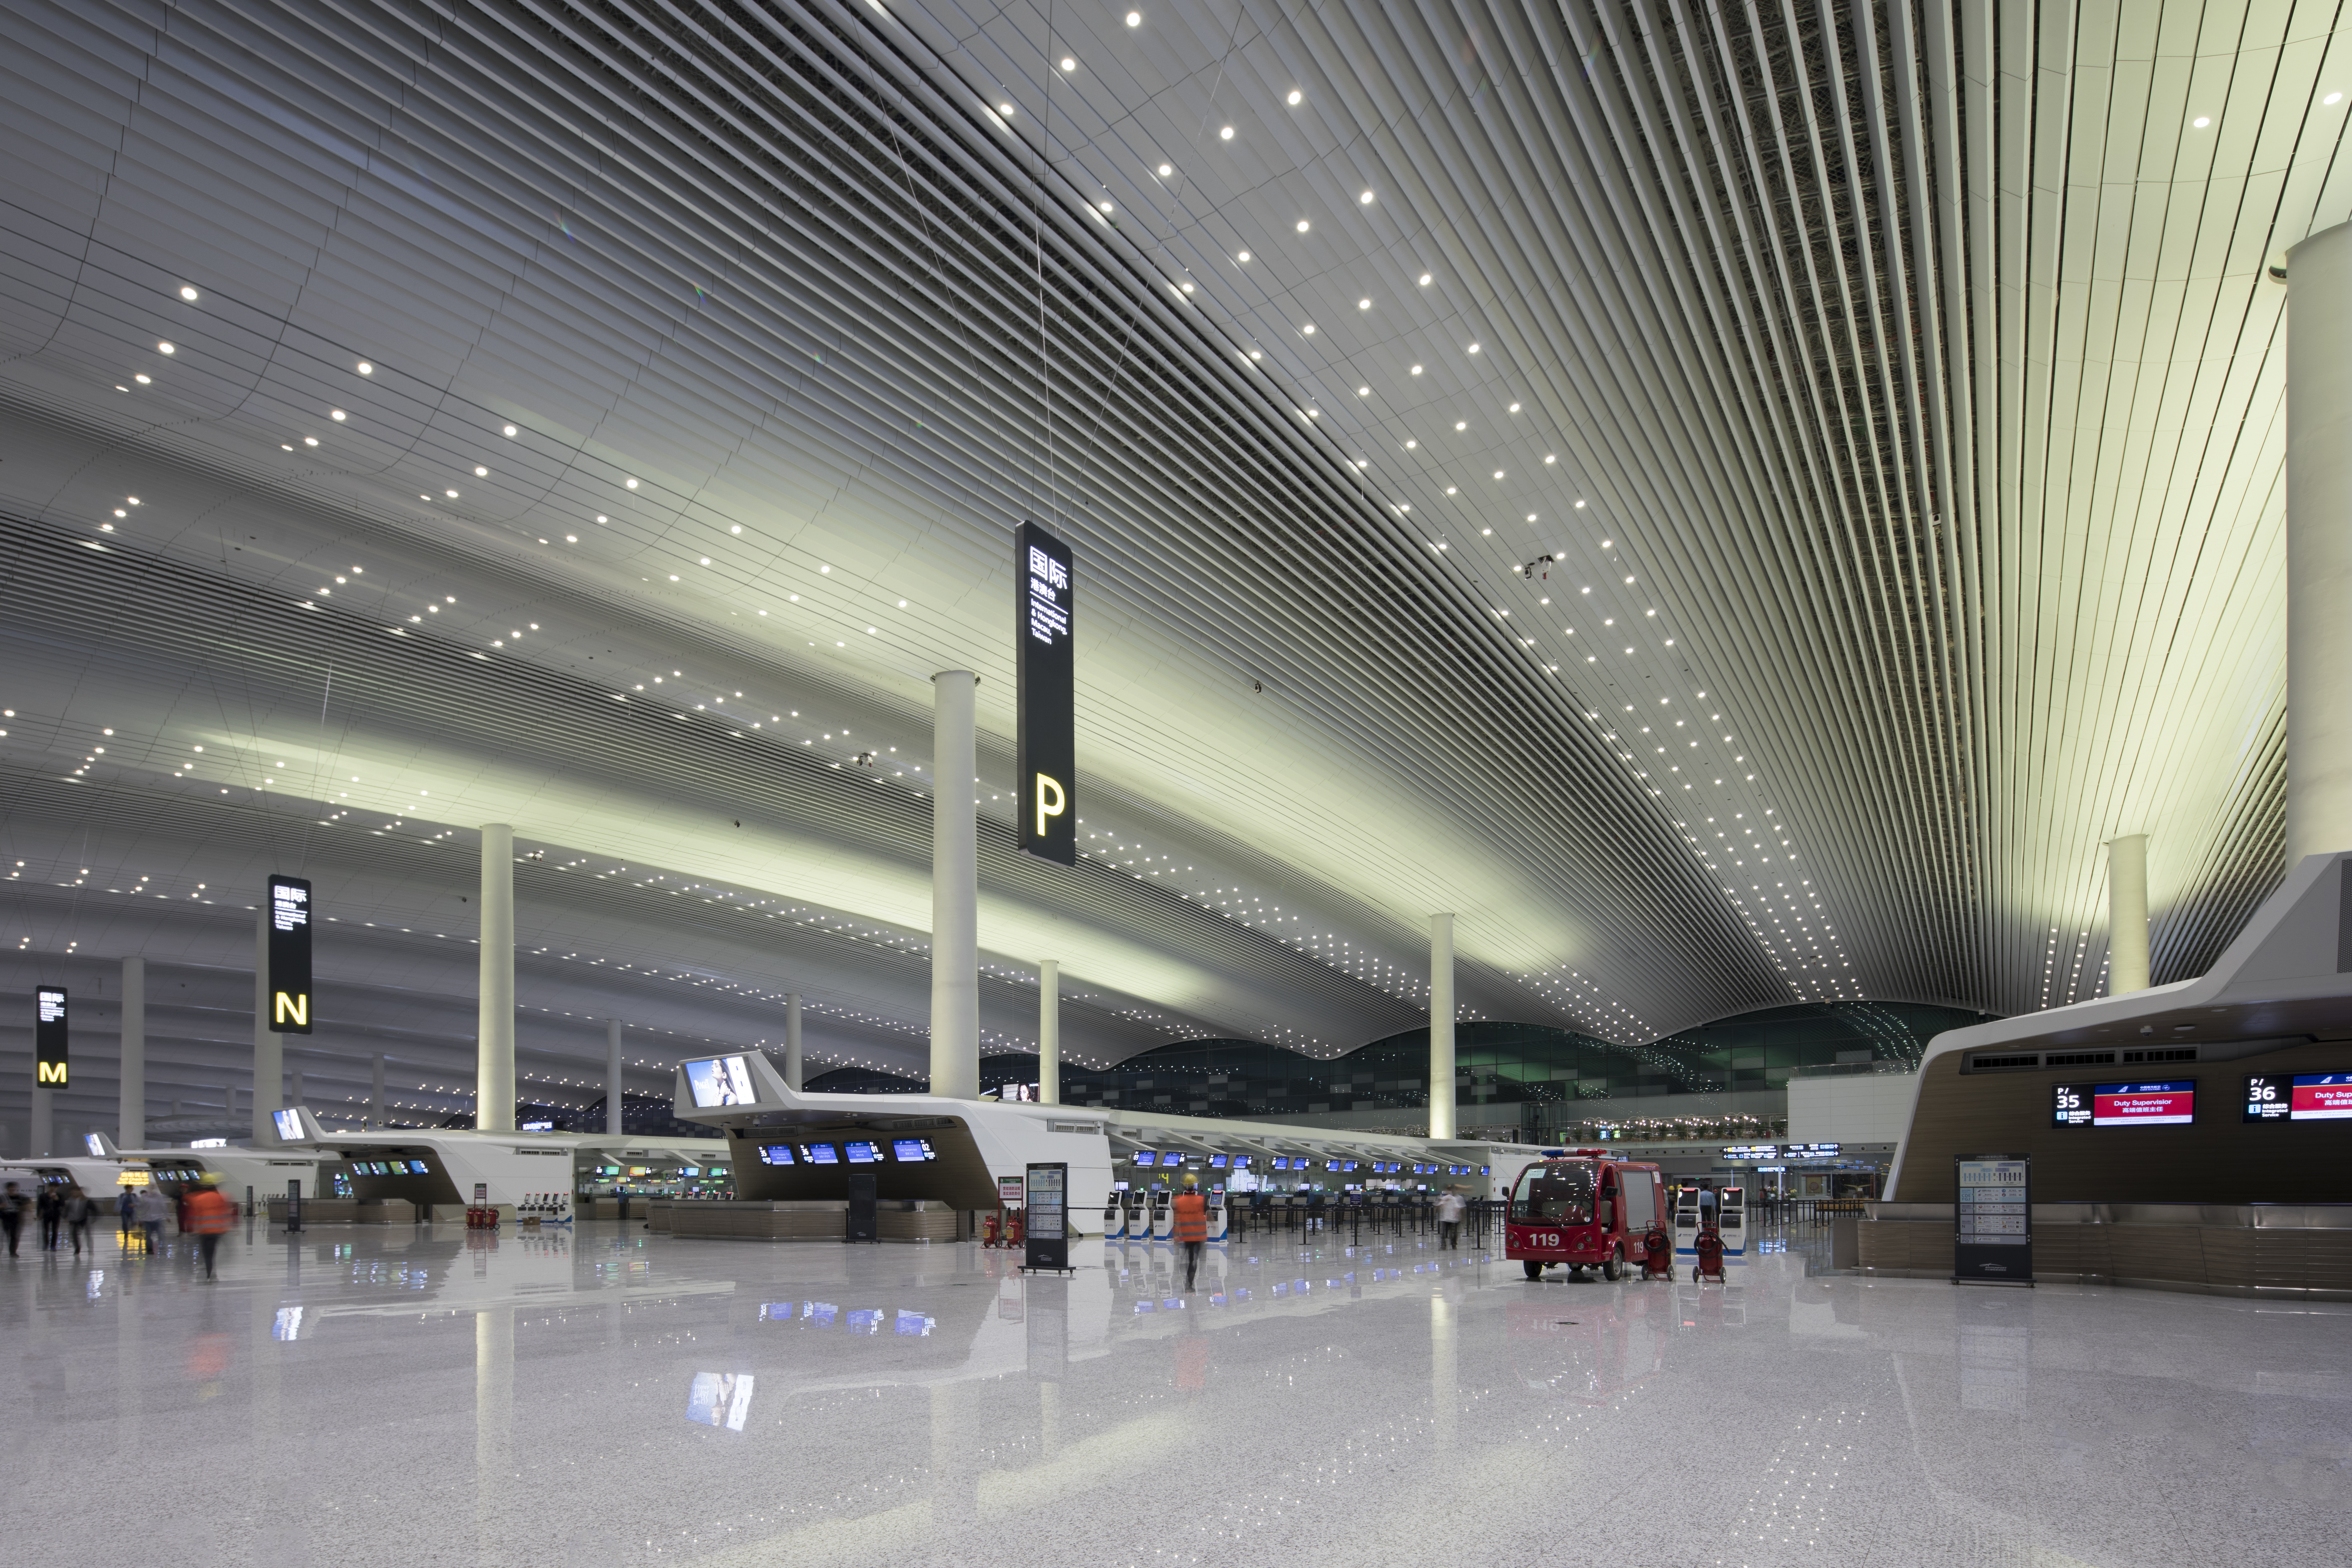 01 广州白云国际机场T2航站楼与GTC交通中心公共空间照明